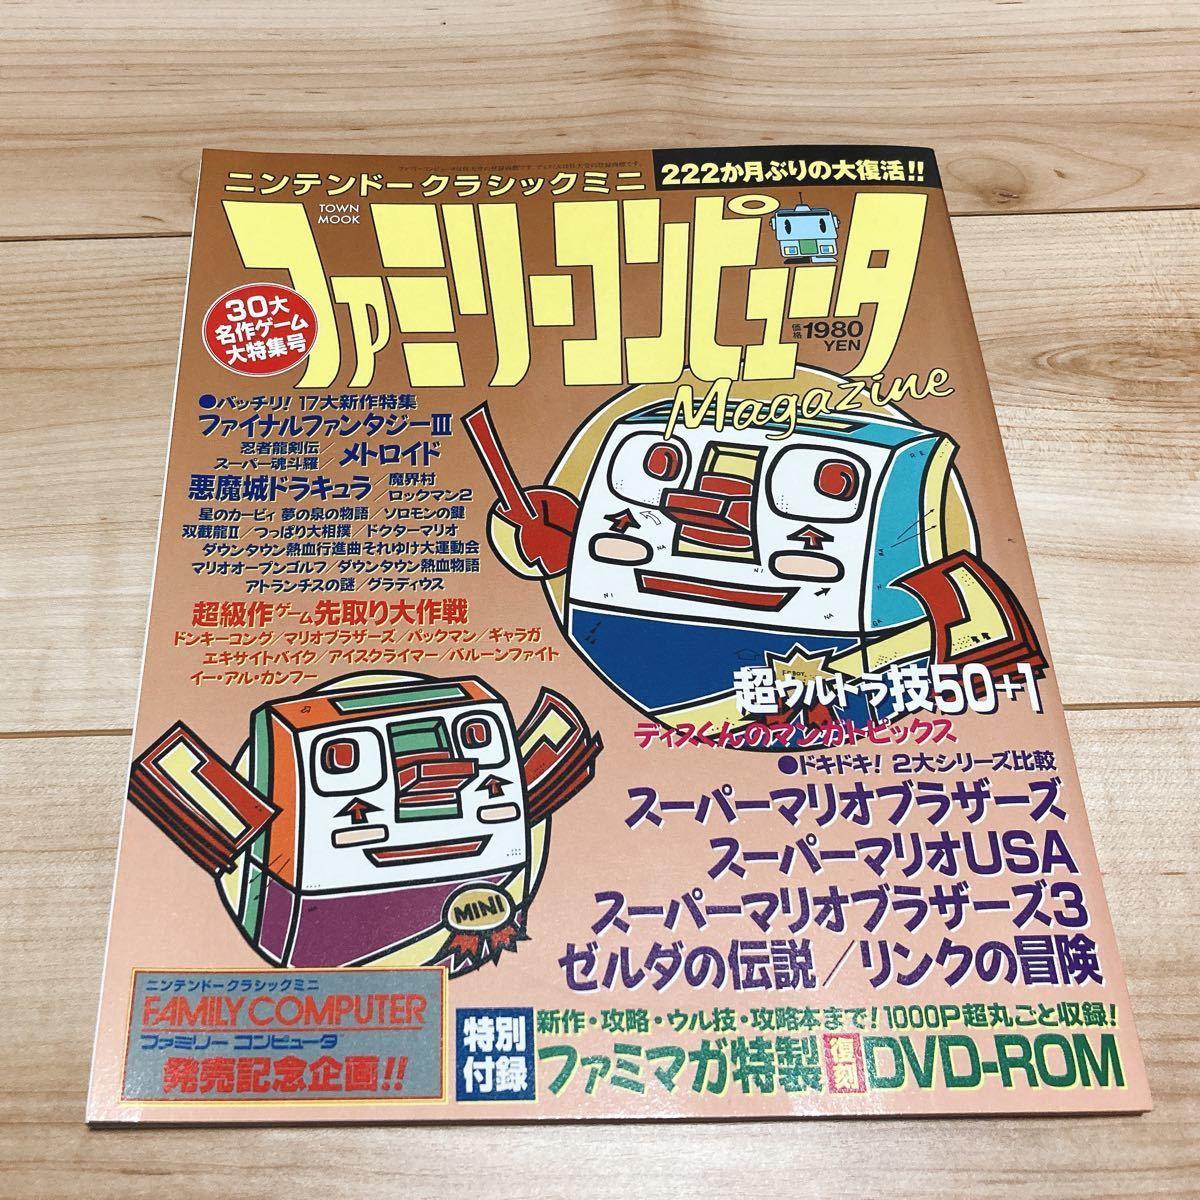 ニンテンドークラシックミニ ダブルパック ニンテンドー USBアダプター【Amazon.co.jp限定】説明書付き